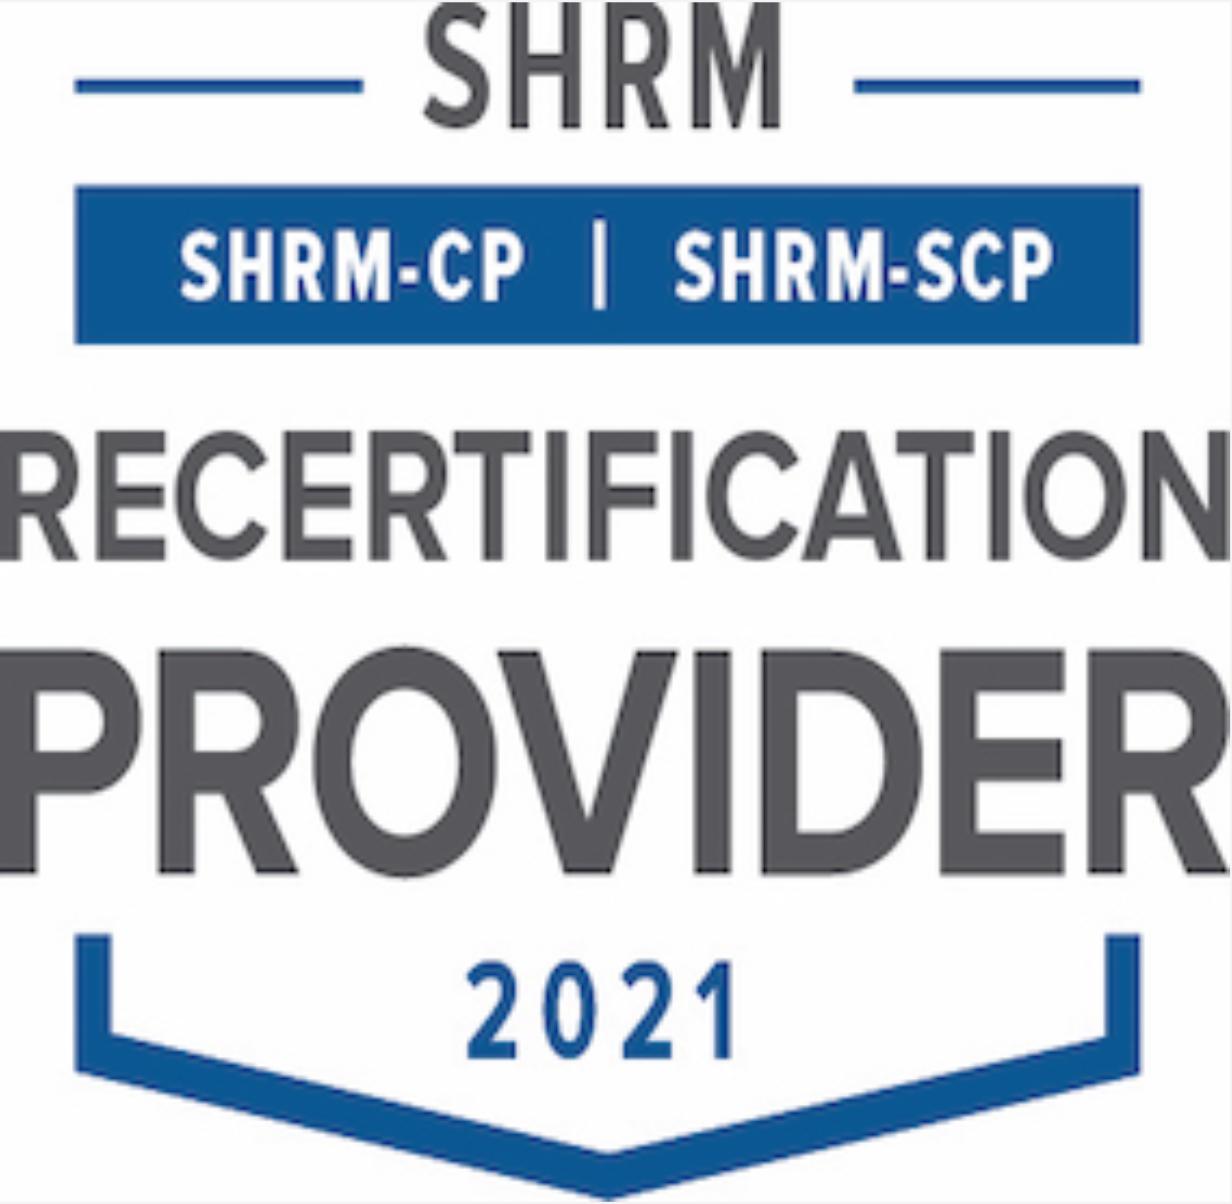 2021 SHRM Recertification Provider